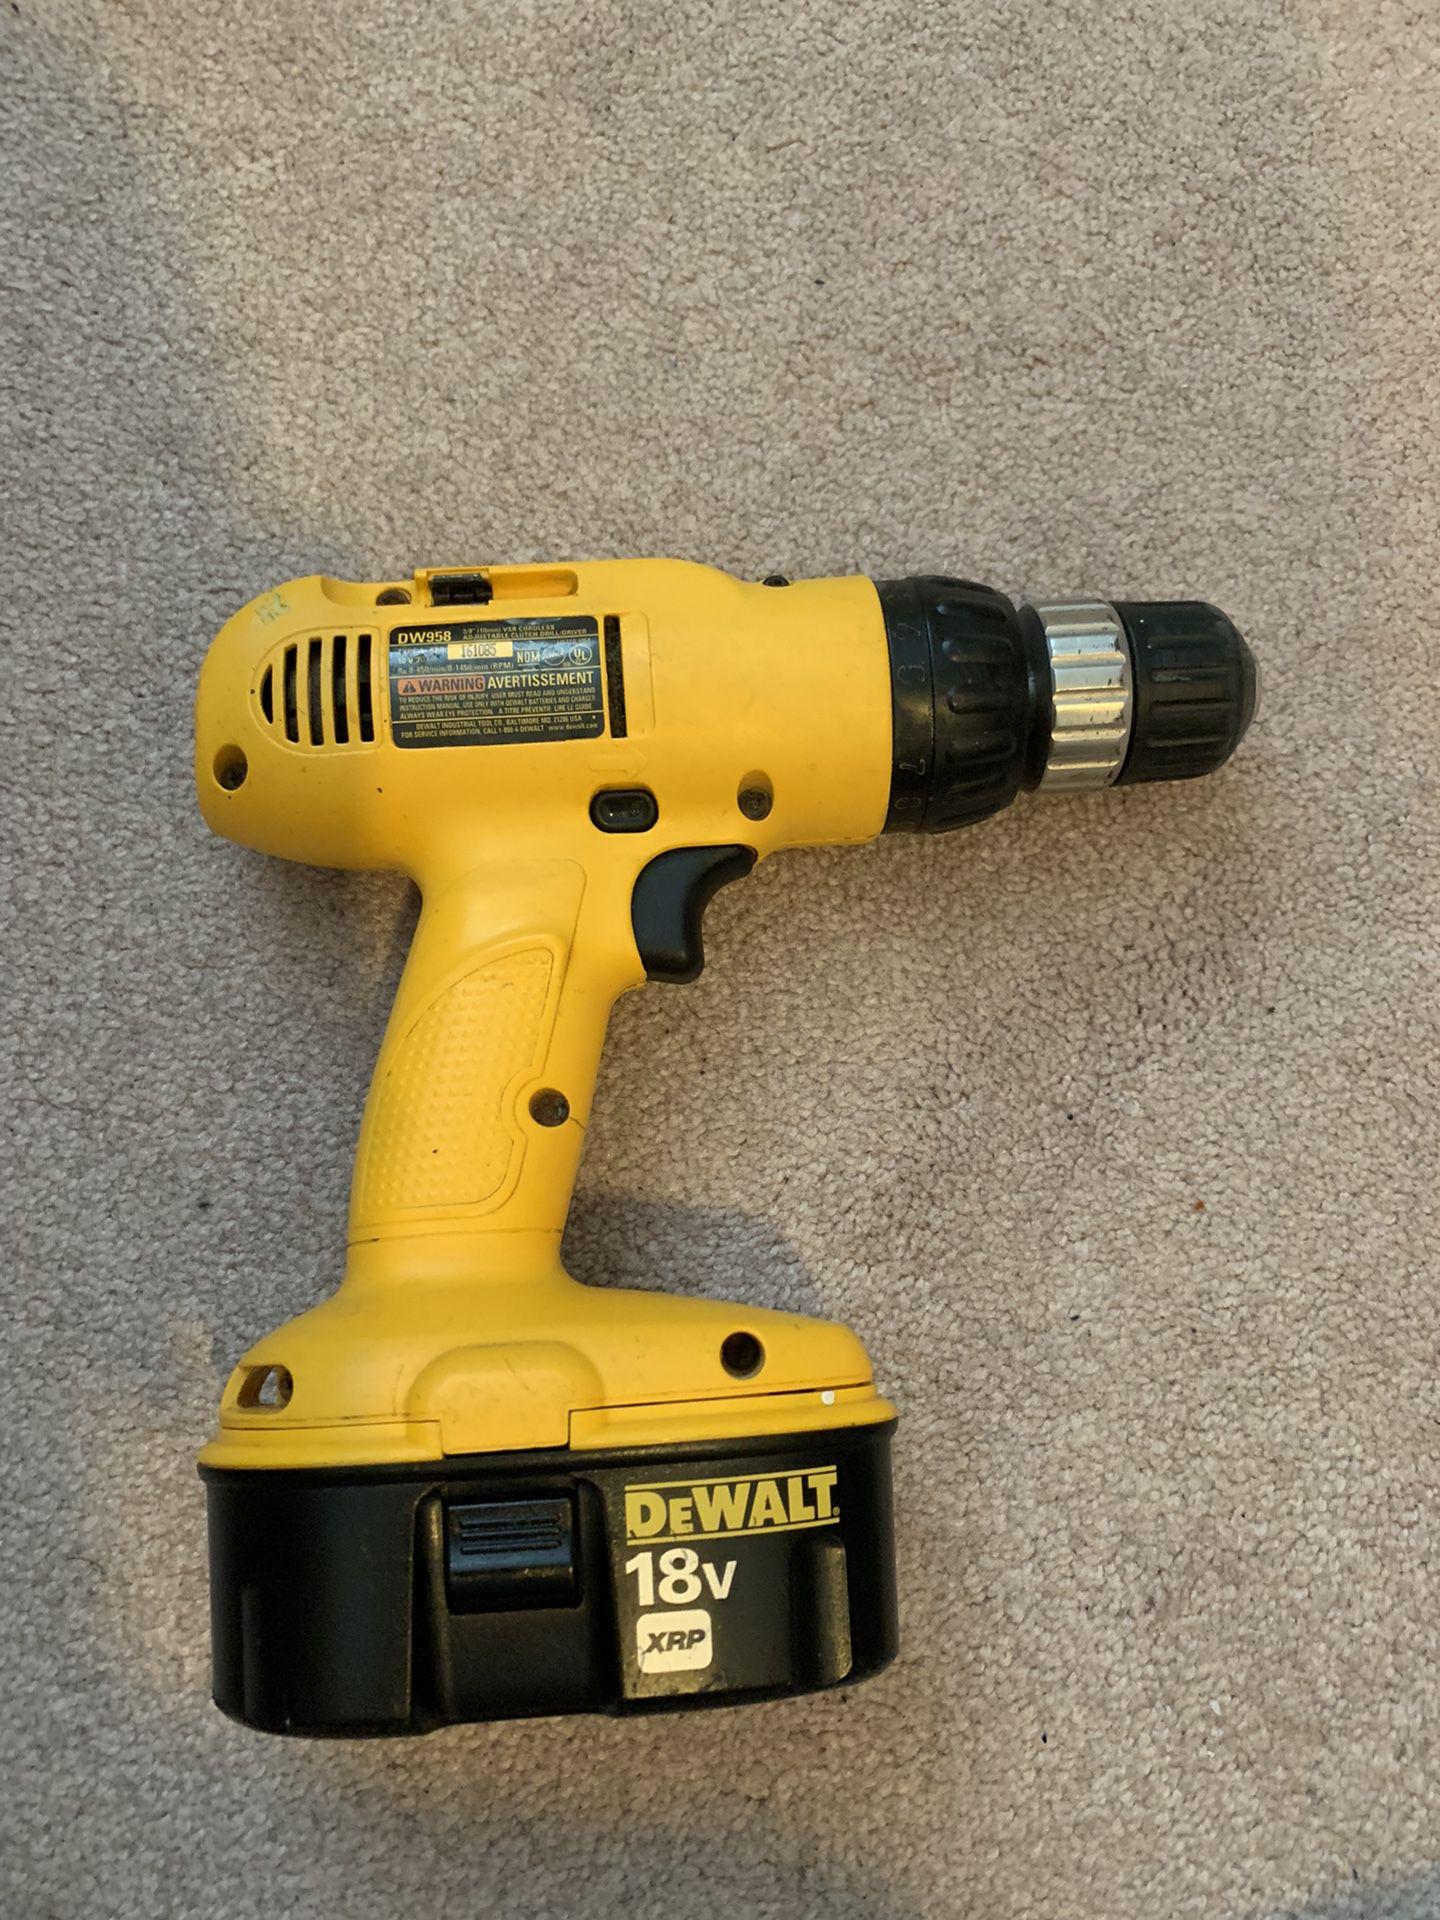 Dewalt 18V Drill + 2 Batteries + Charger